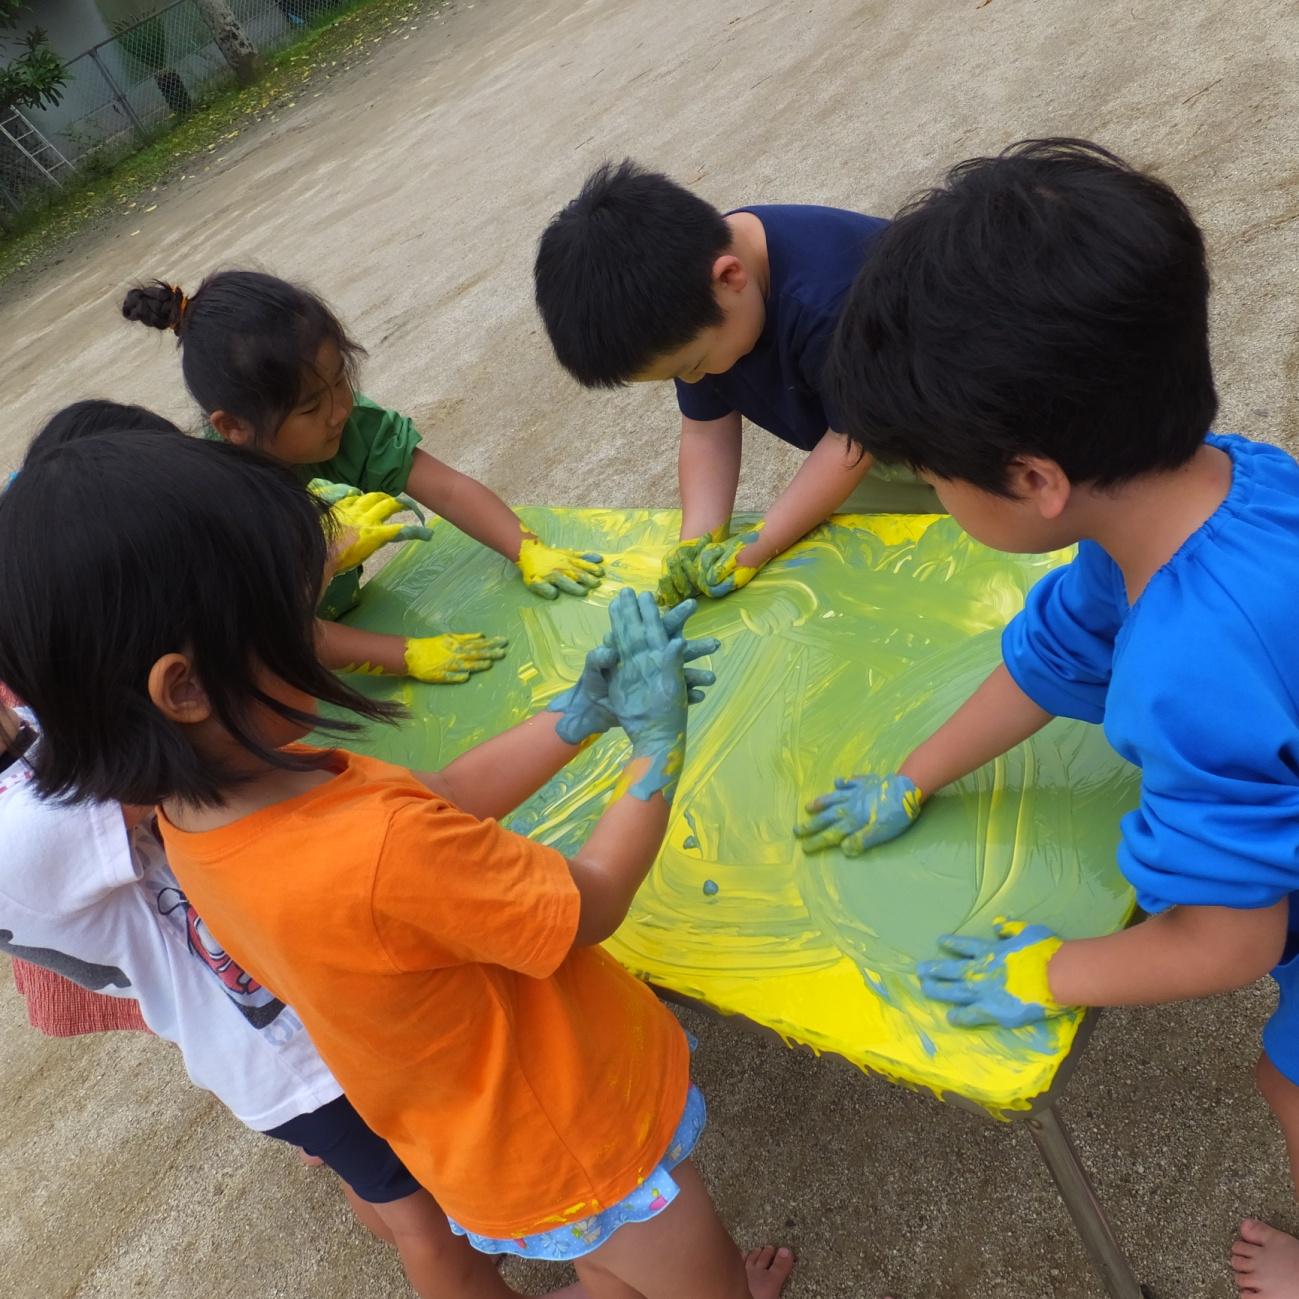 東稙田幼稚園 | 施設情報 | 大分市子育て支援サイトnaana(なあな)